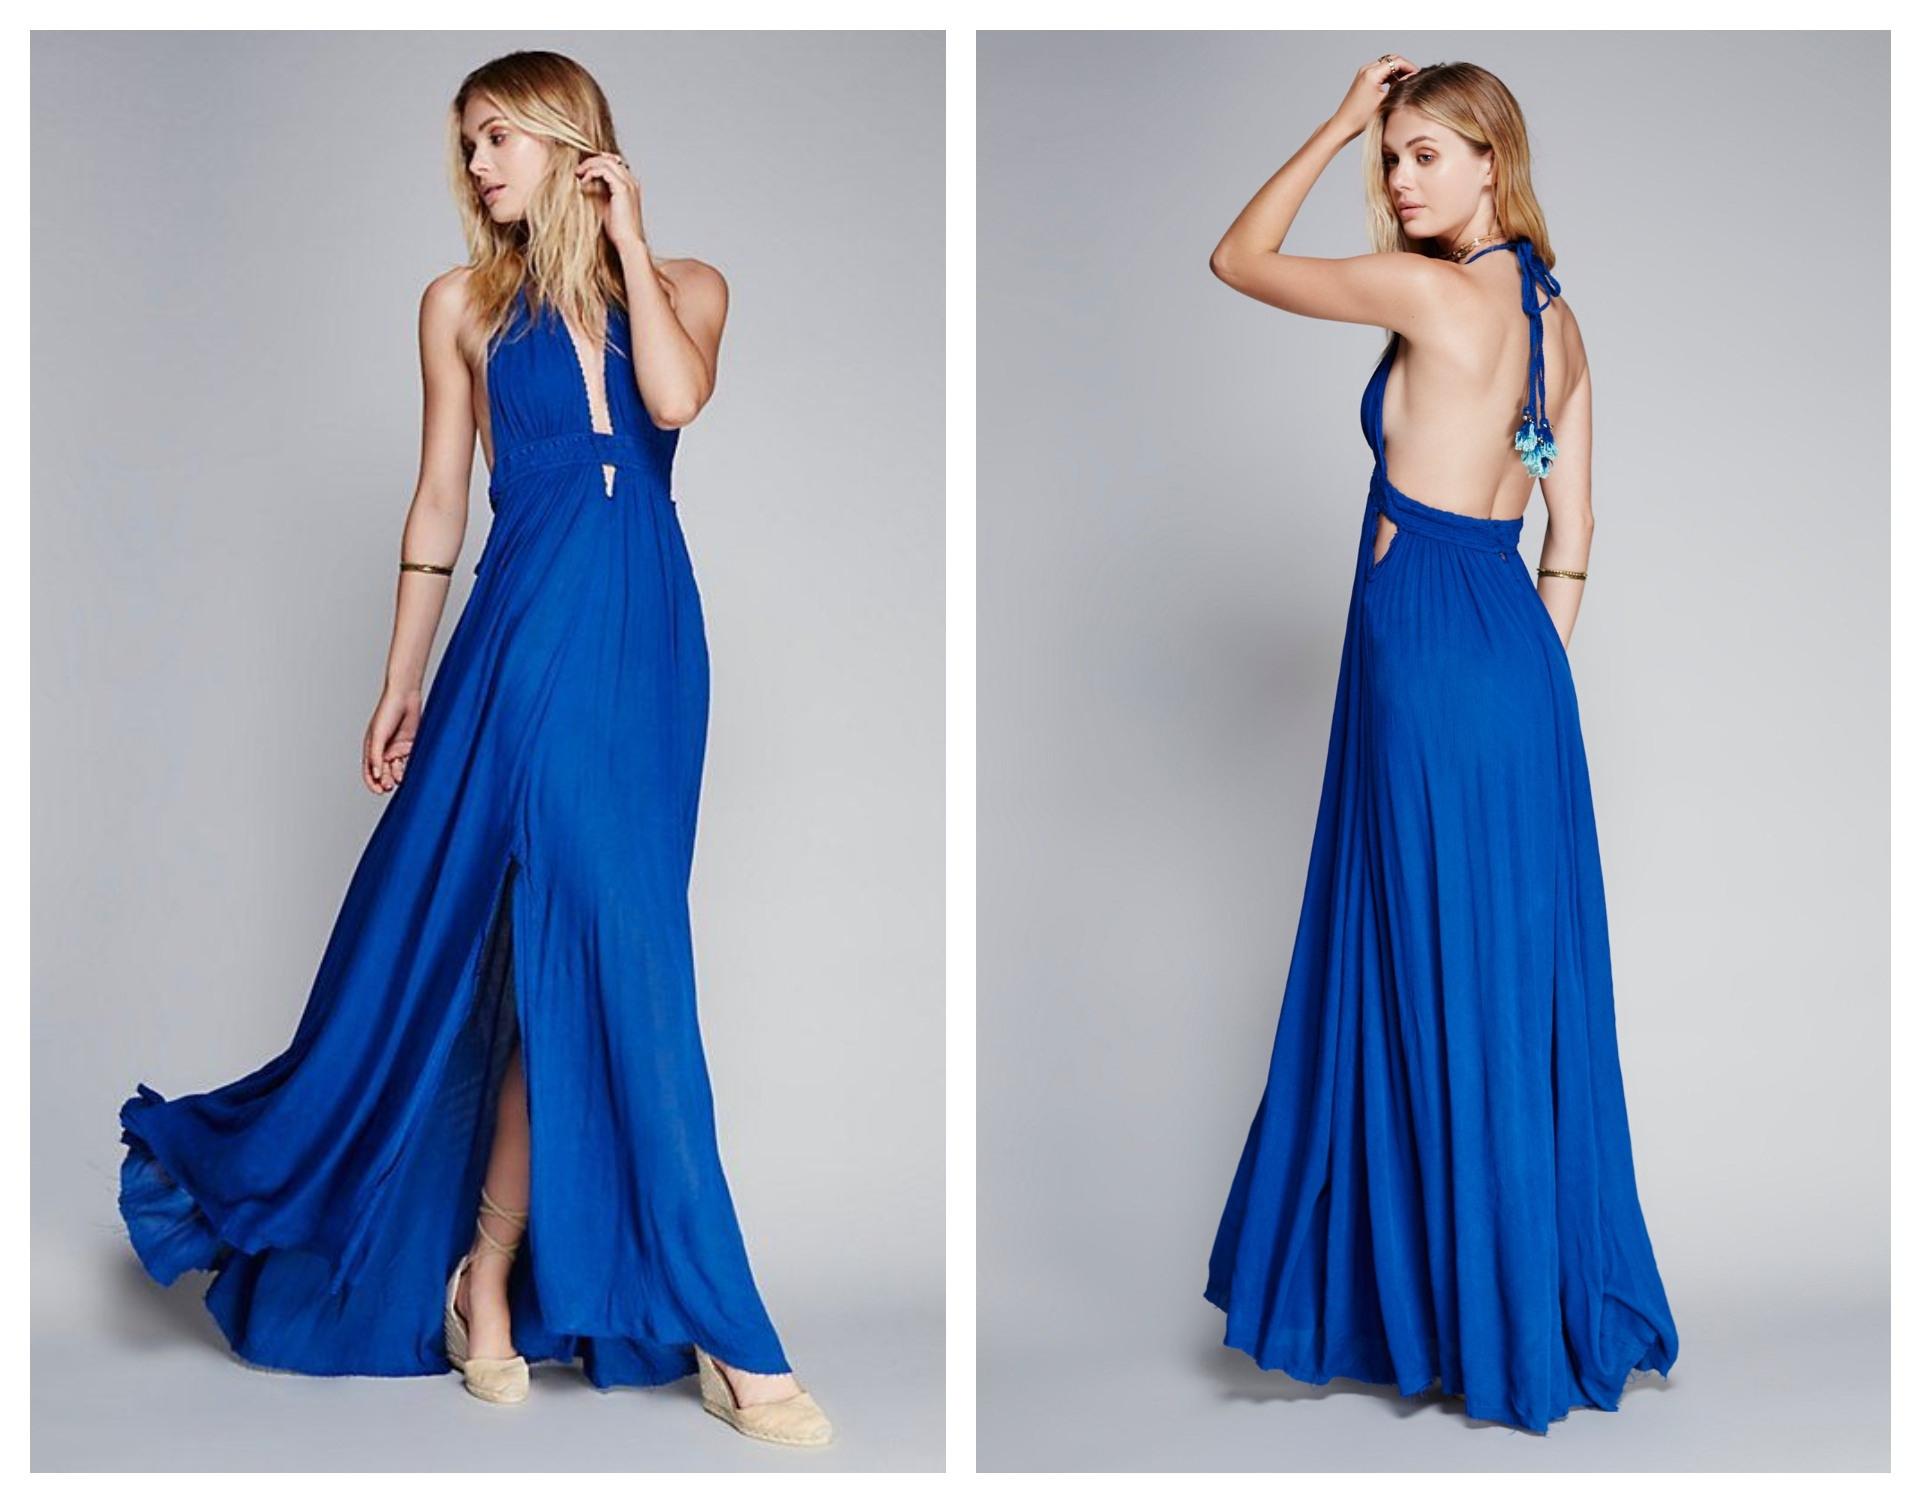 Abend Coolste Langes Blaues Kleid Ärmel13 Schön Langes Blaues Kleid Galerie